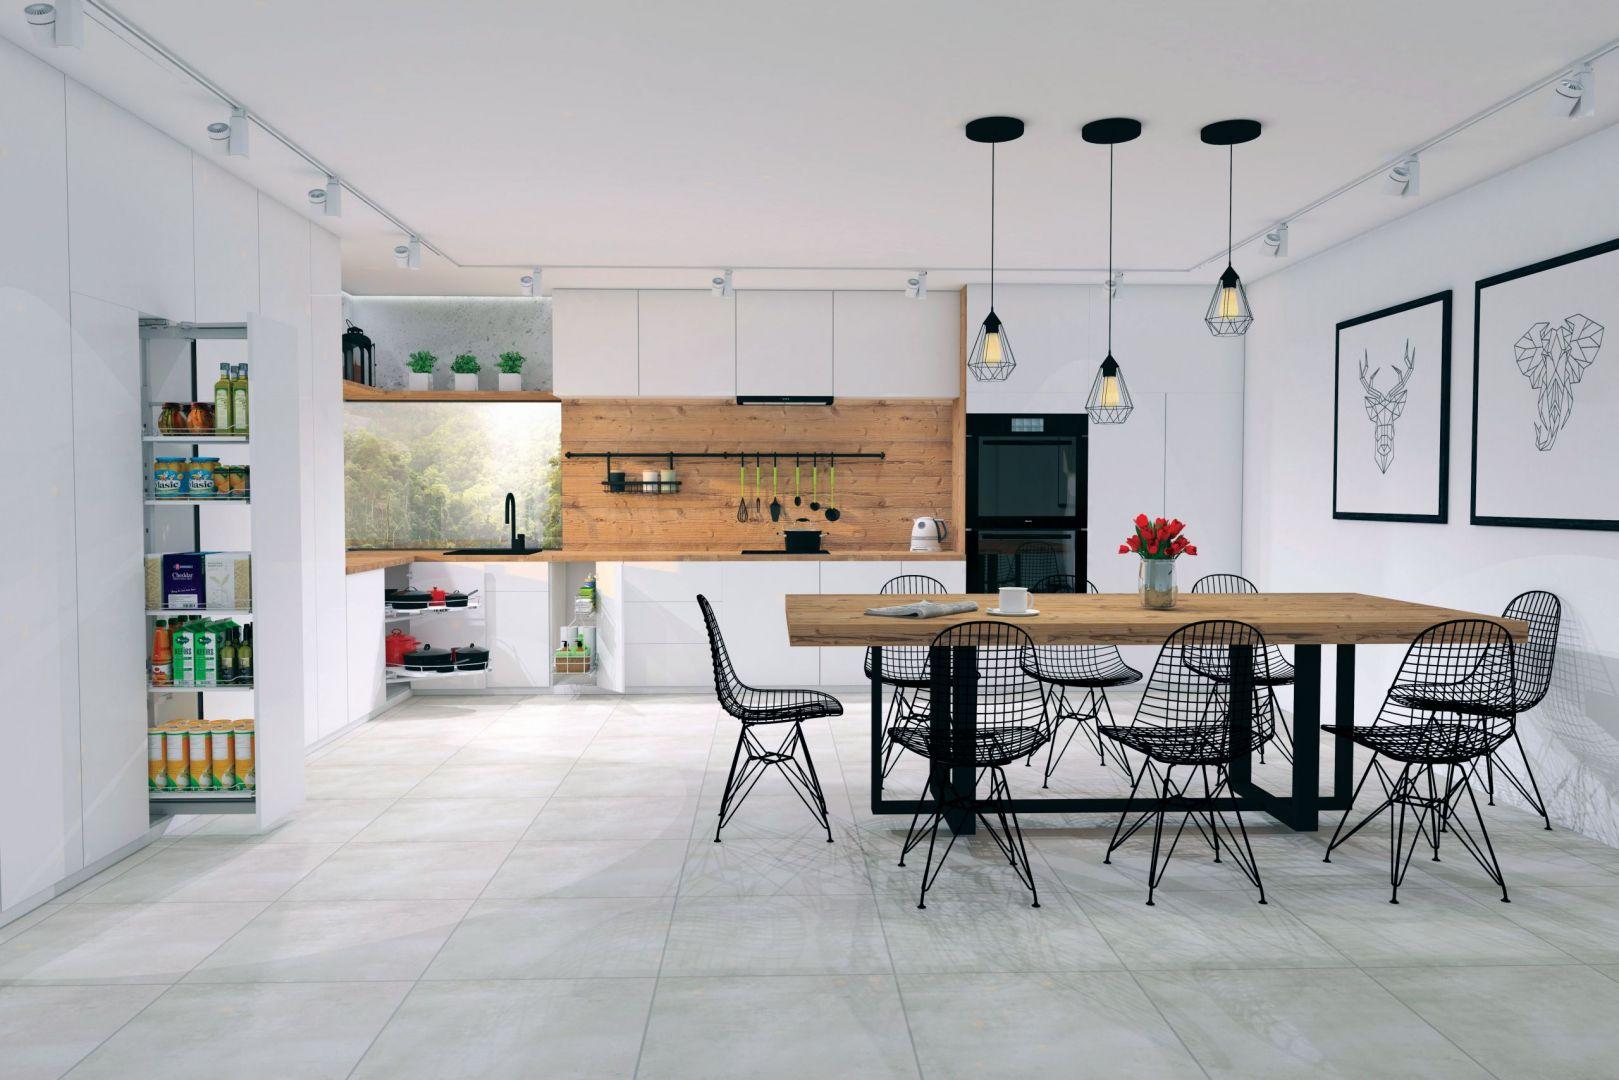 Akcesoria meblowe do nowoczesnej kuchni. Fot. Rejs